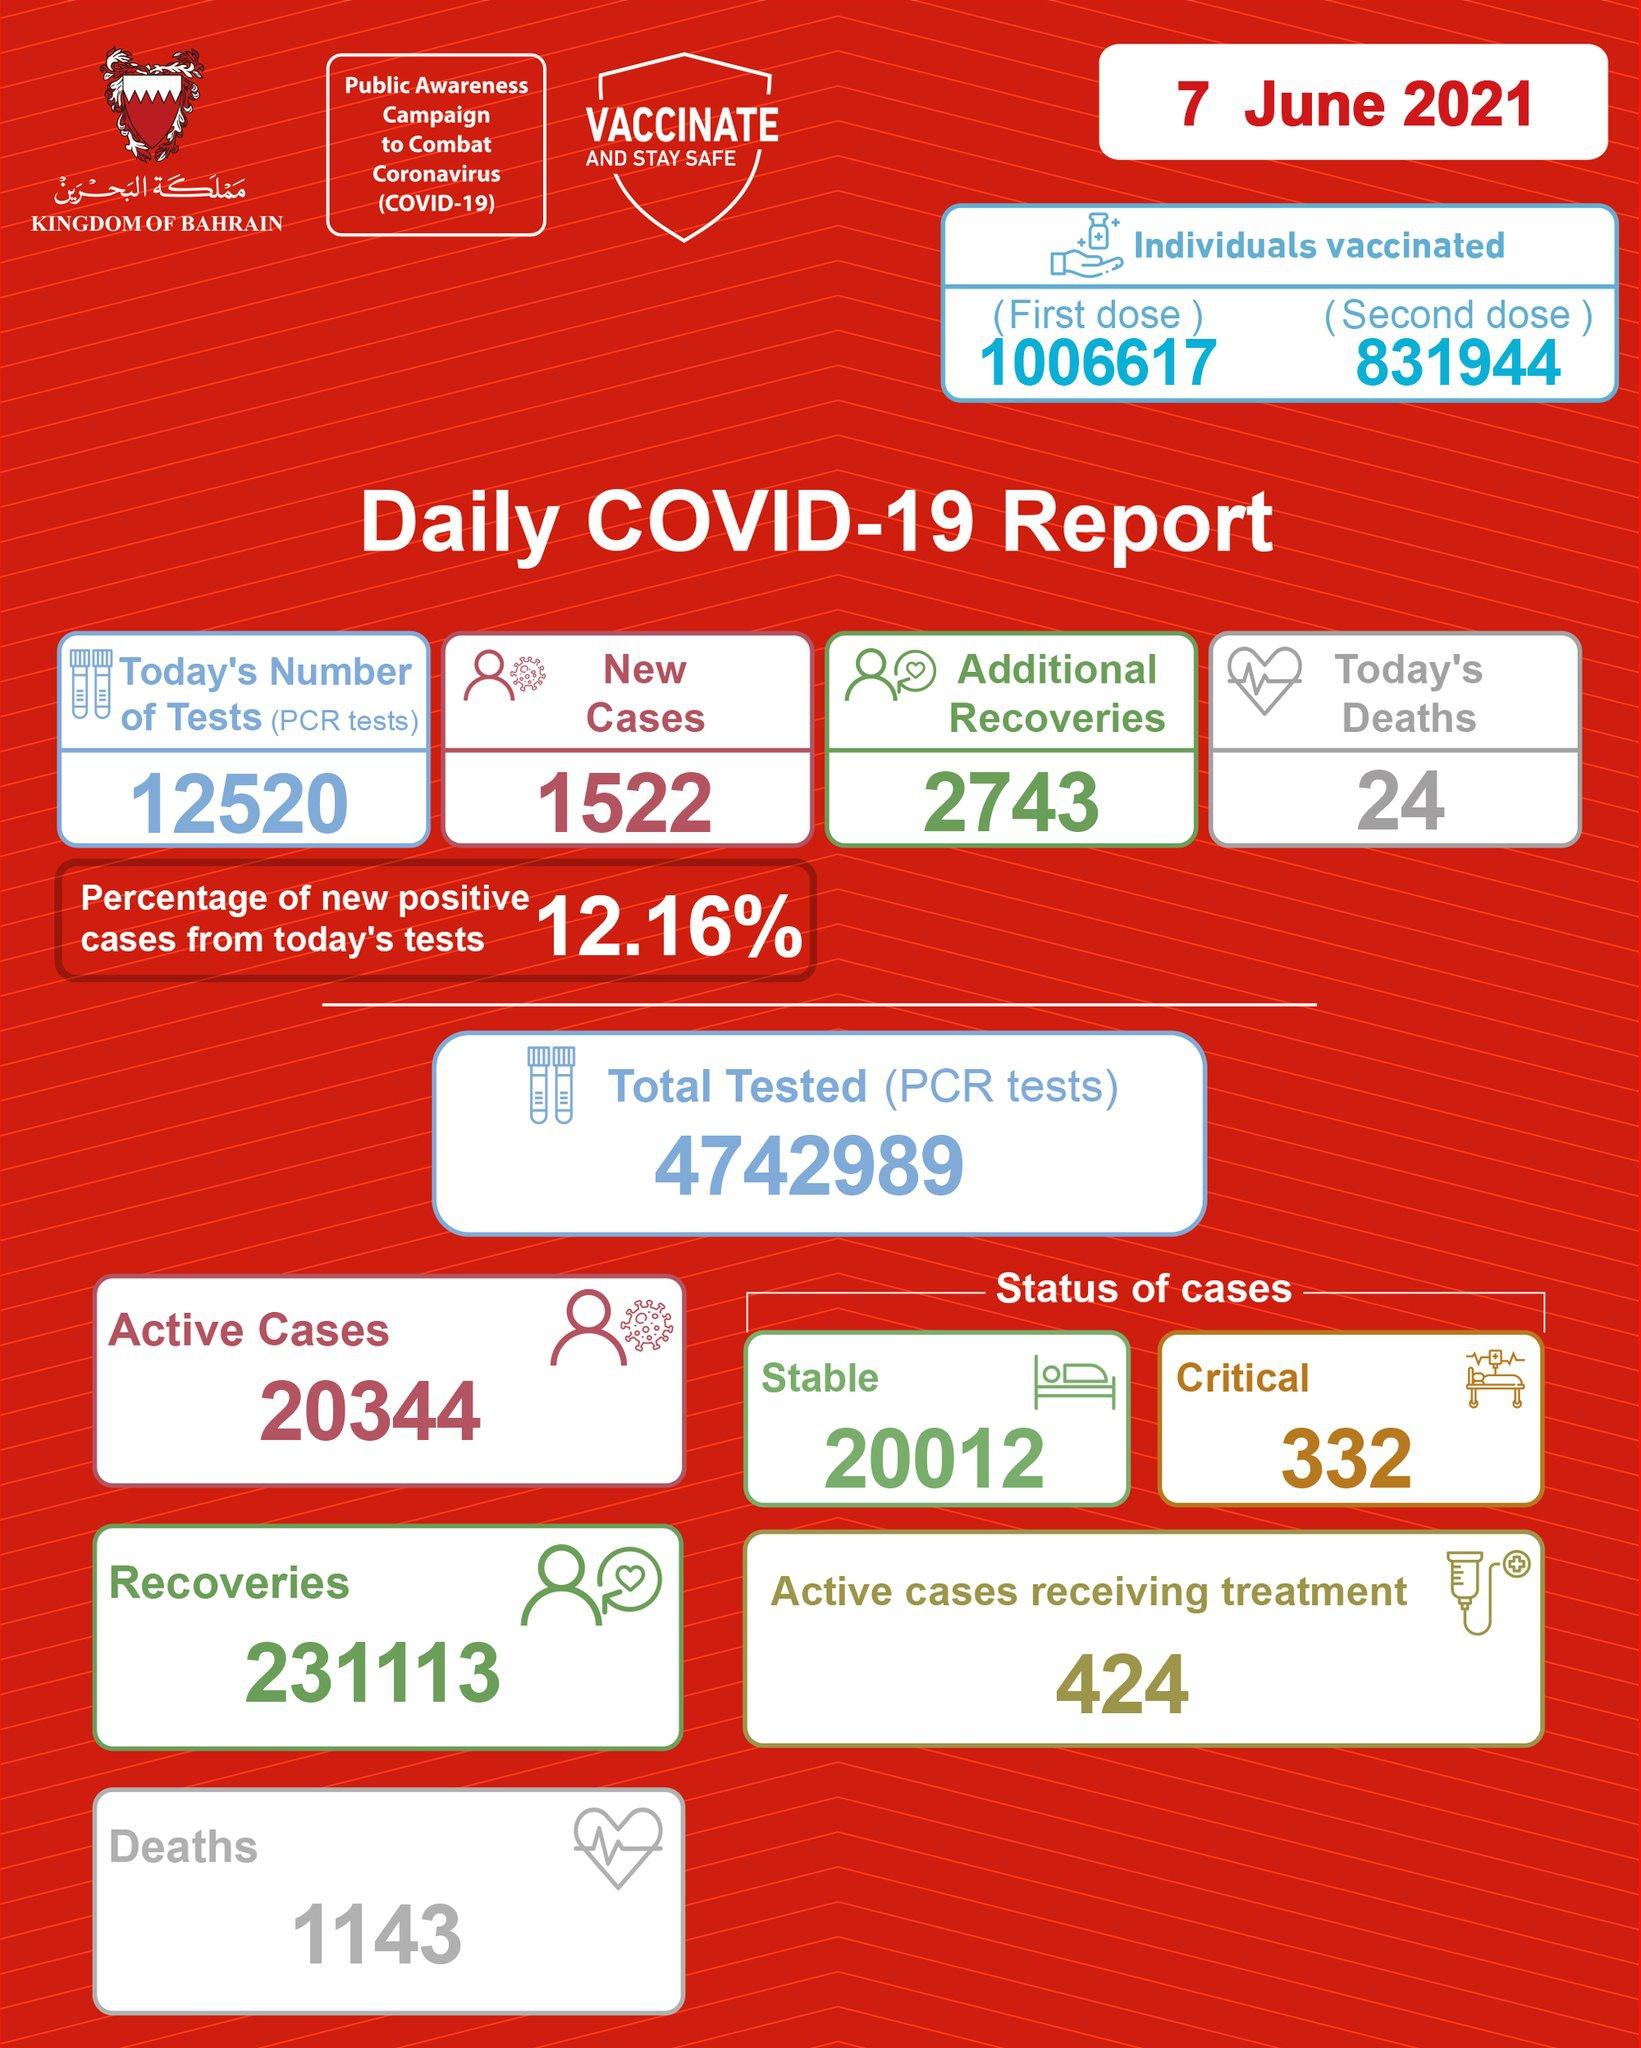 巴林新增新冠肺炎确诊病例1522例 累计确诊252600例